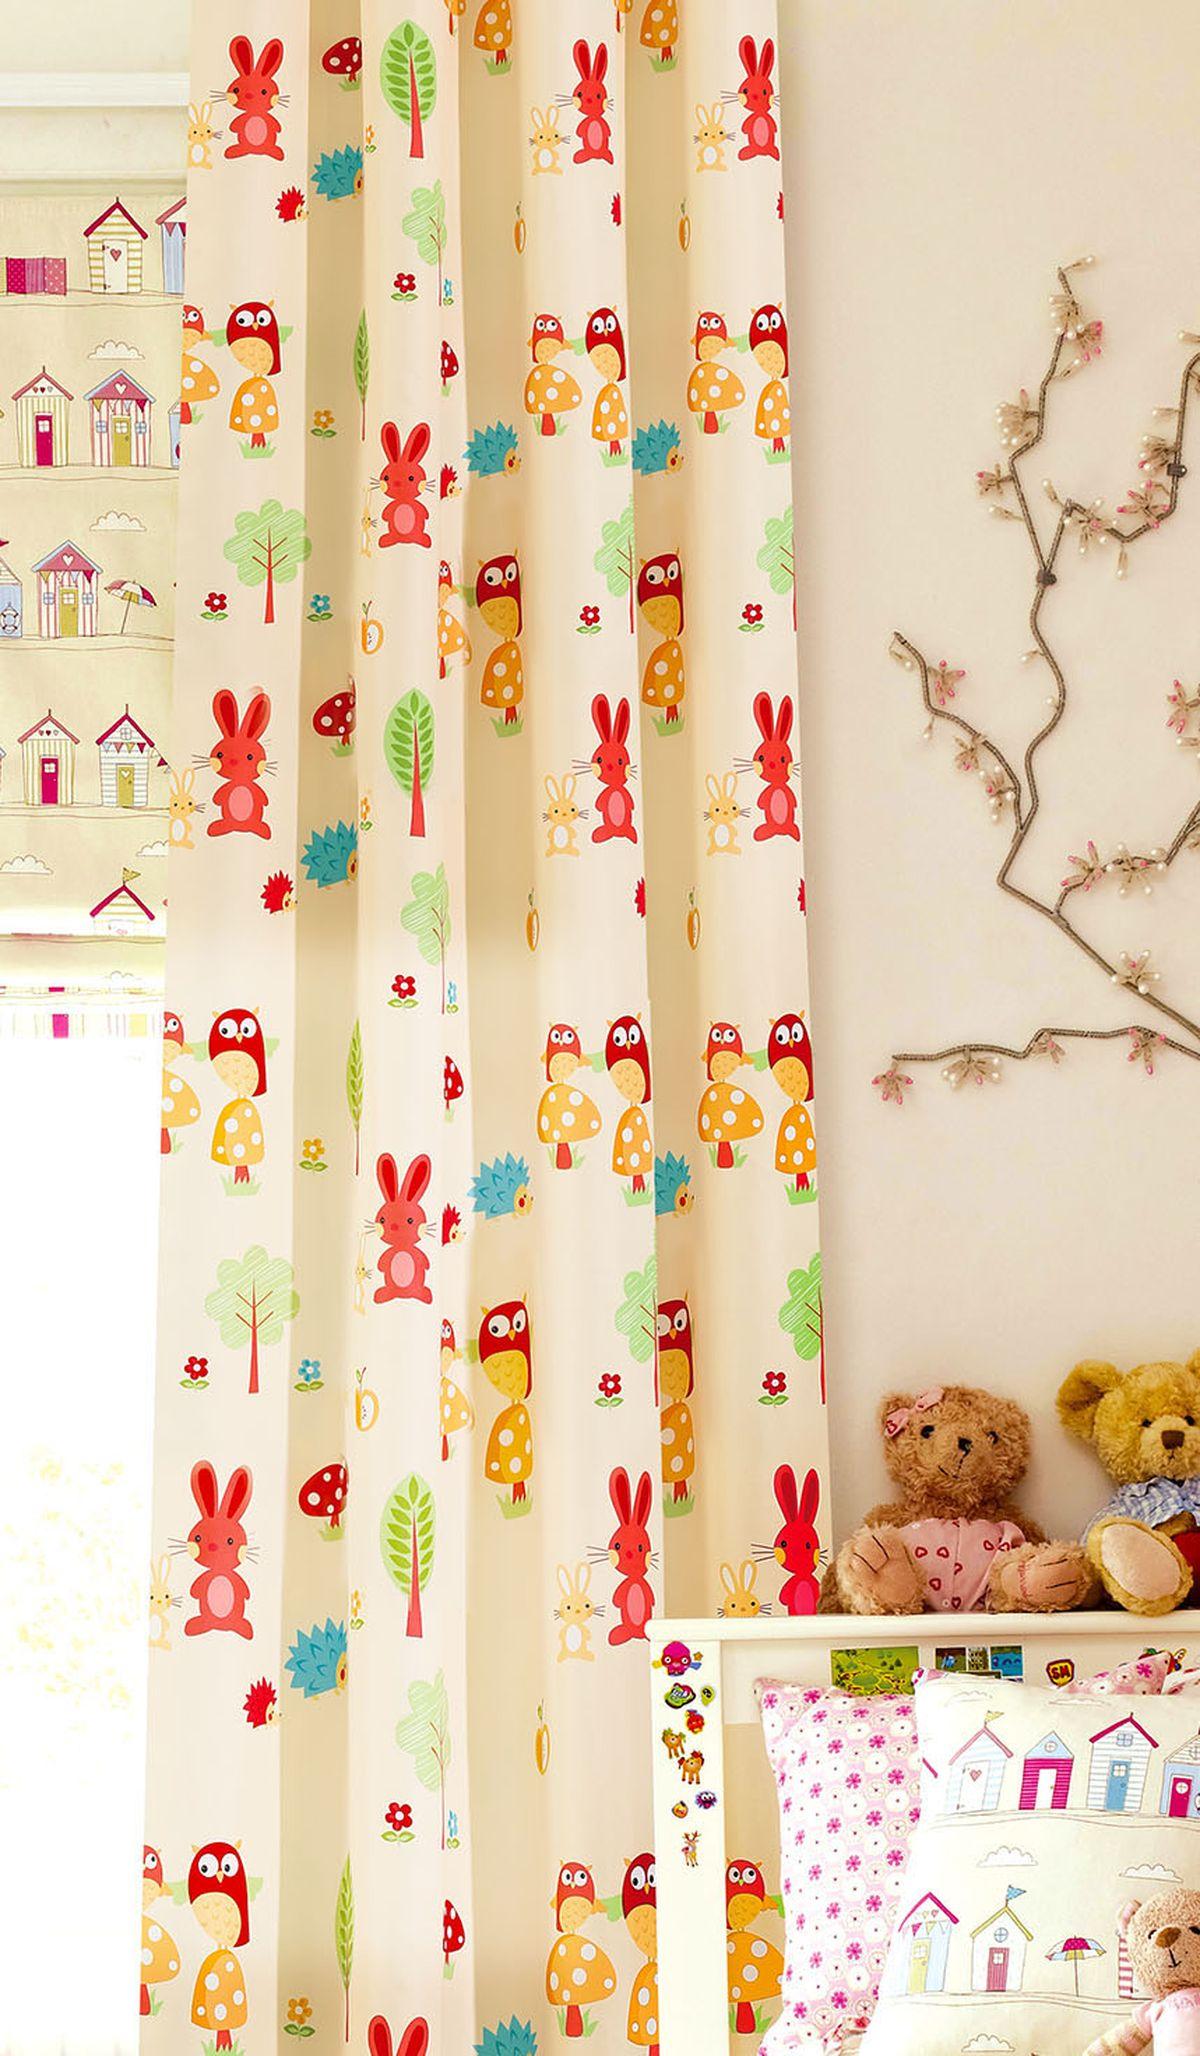 Штора готовая Garden, на ленте, цвет: бежевый, 180х260 см. С 8246 - W2071 V5С 8246 - W2071 V5Изящная штора для детской комнаты Garden выполнена из плотной ткани. Приятная текстура и цвет привлекут к себе внимание и органично впишутся в интерьер помещения. Штора крепится на карниз при помощи ленты, которая поможет красиво и равномерно задрапировать верх.